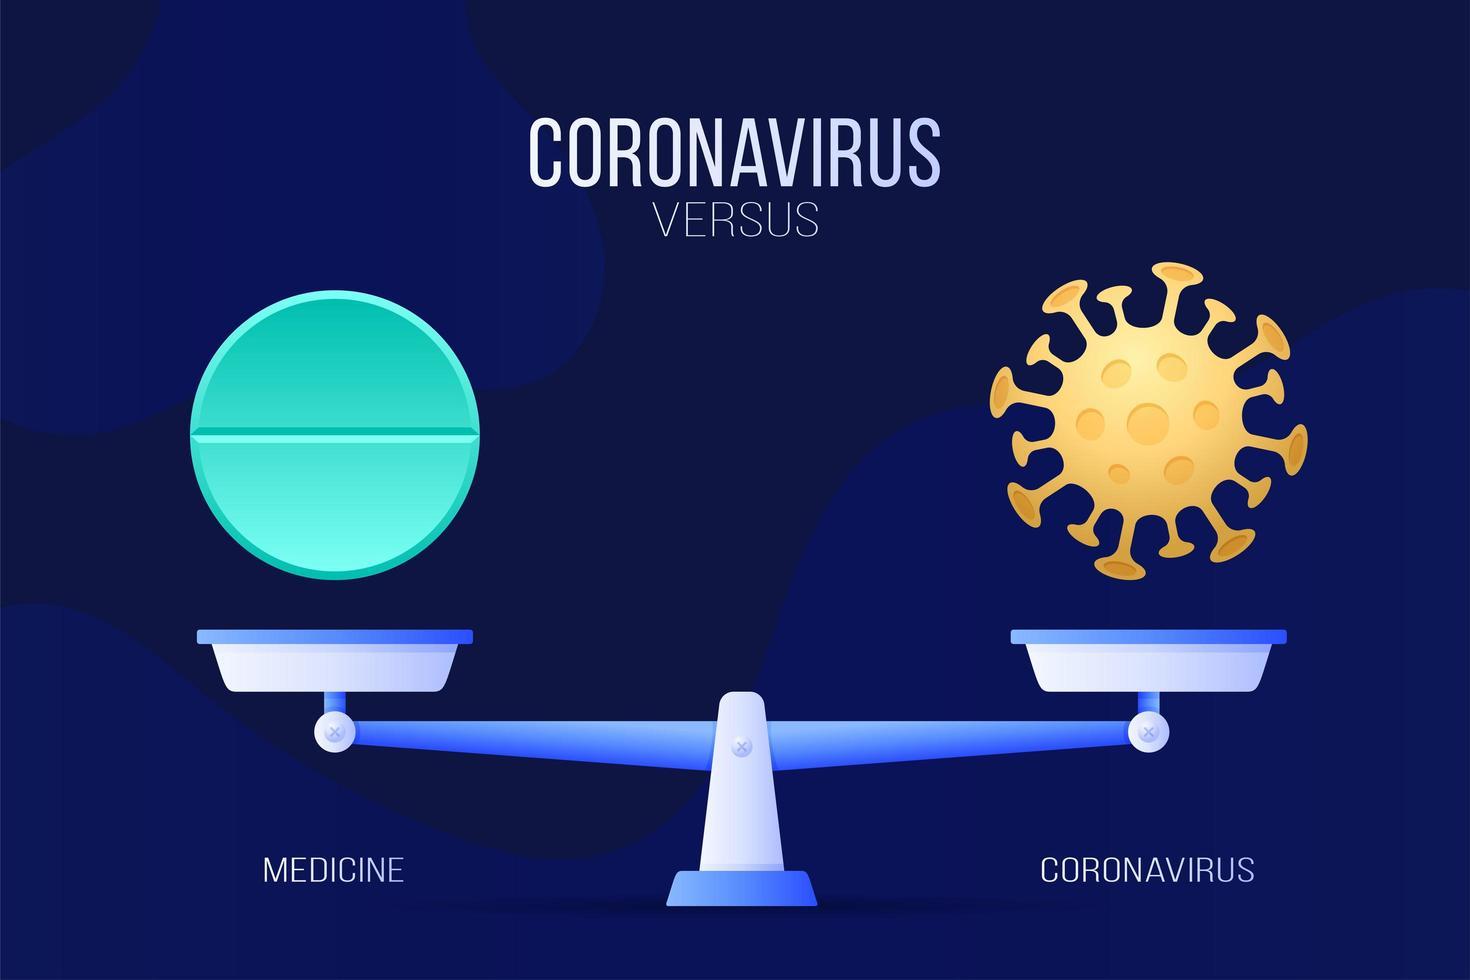 coronavirus of medische pil vectorillustratie. creatief concept van weegschaal en versus, aan de ene kant van de schaal ligt een virus covid-19 en aan het andere pilpictogram. platte vectorillustratie. vector